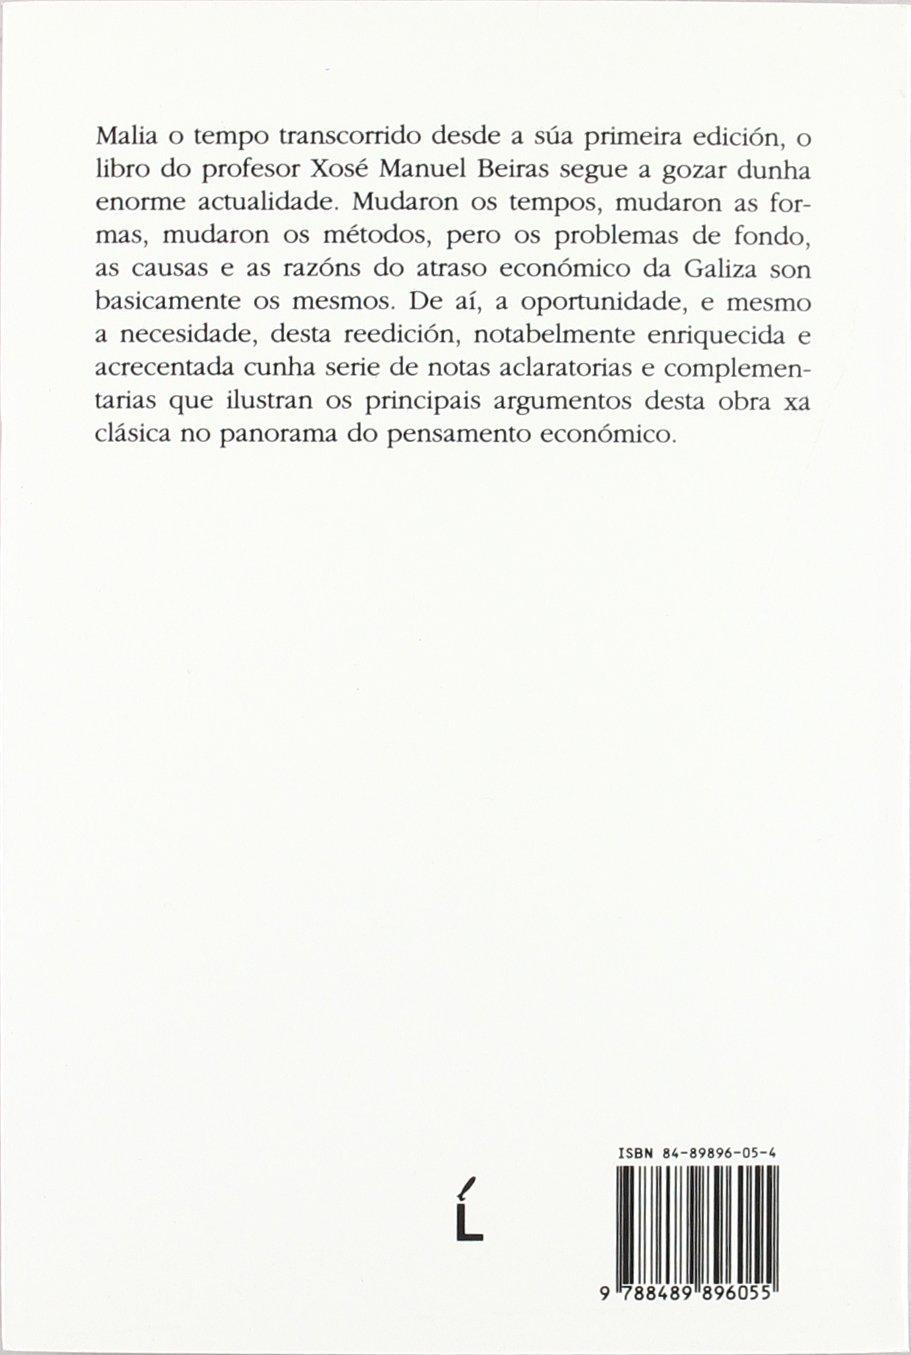 O atraso económico da Galiza: Amazon.es: Beiras, Xosé Manuel: Libros